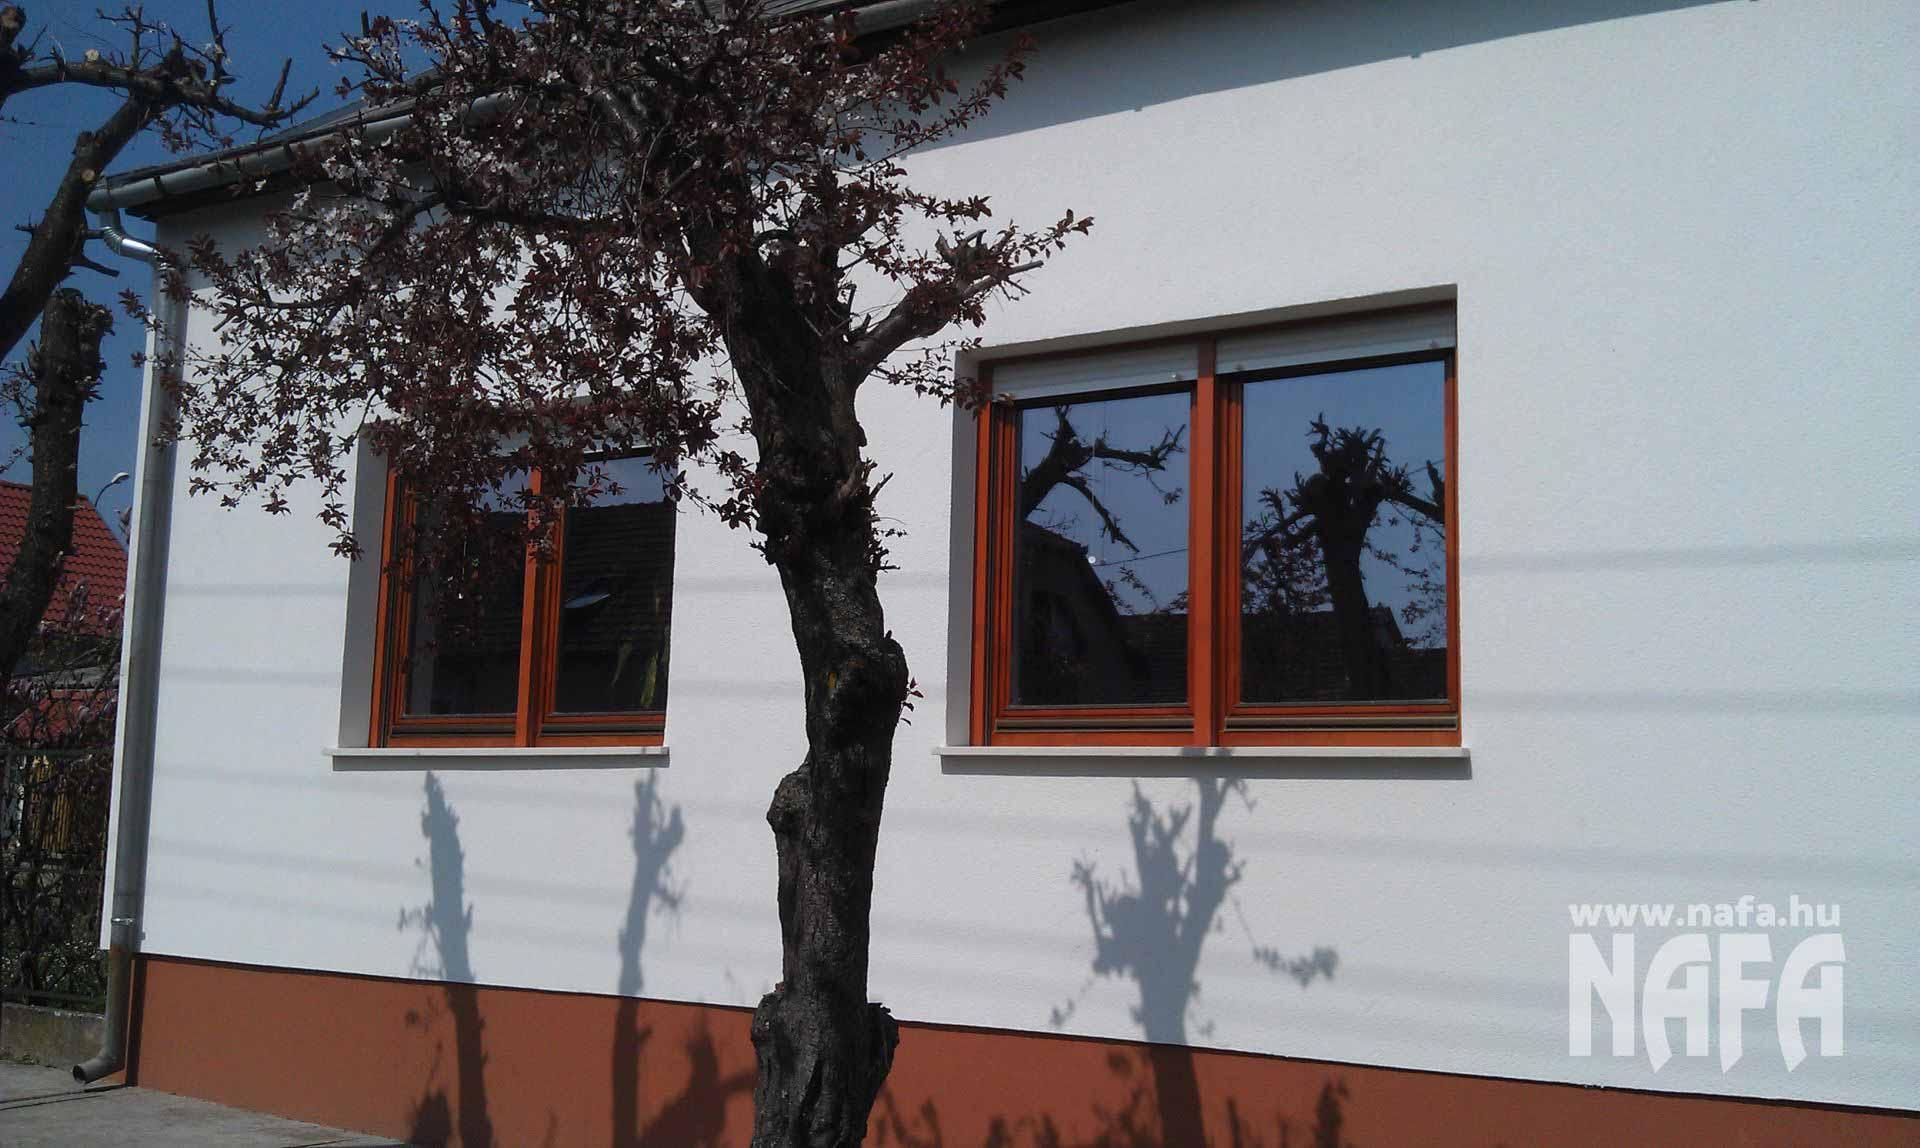 Fa nyílászárók, egyedi festett ablakok, Nagyatád Családiház